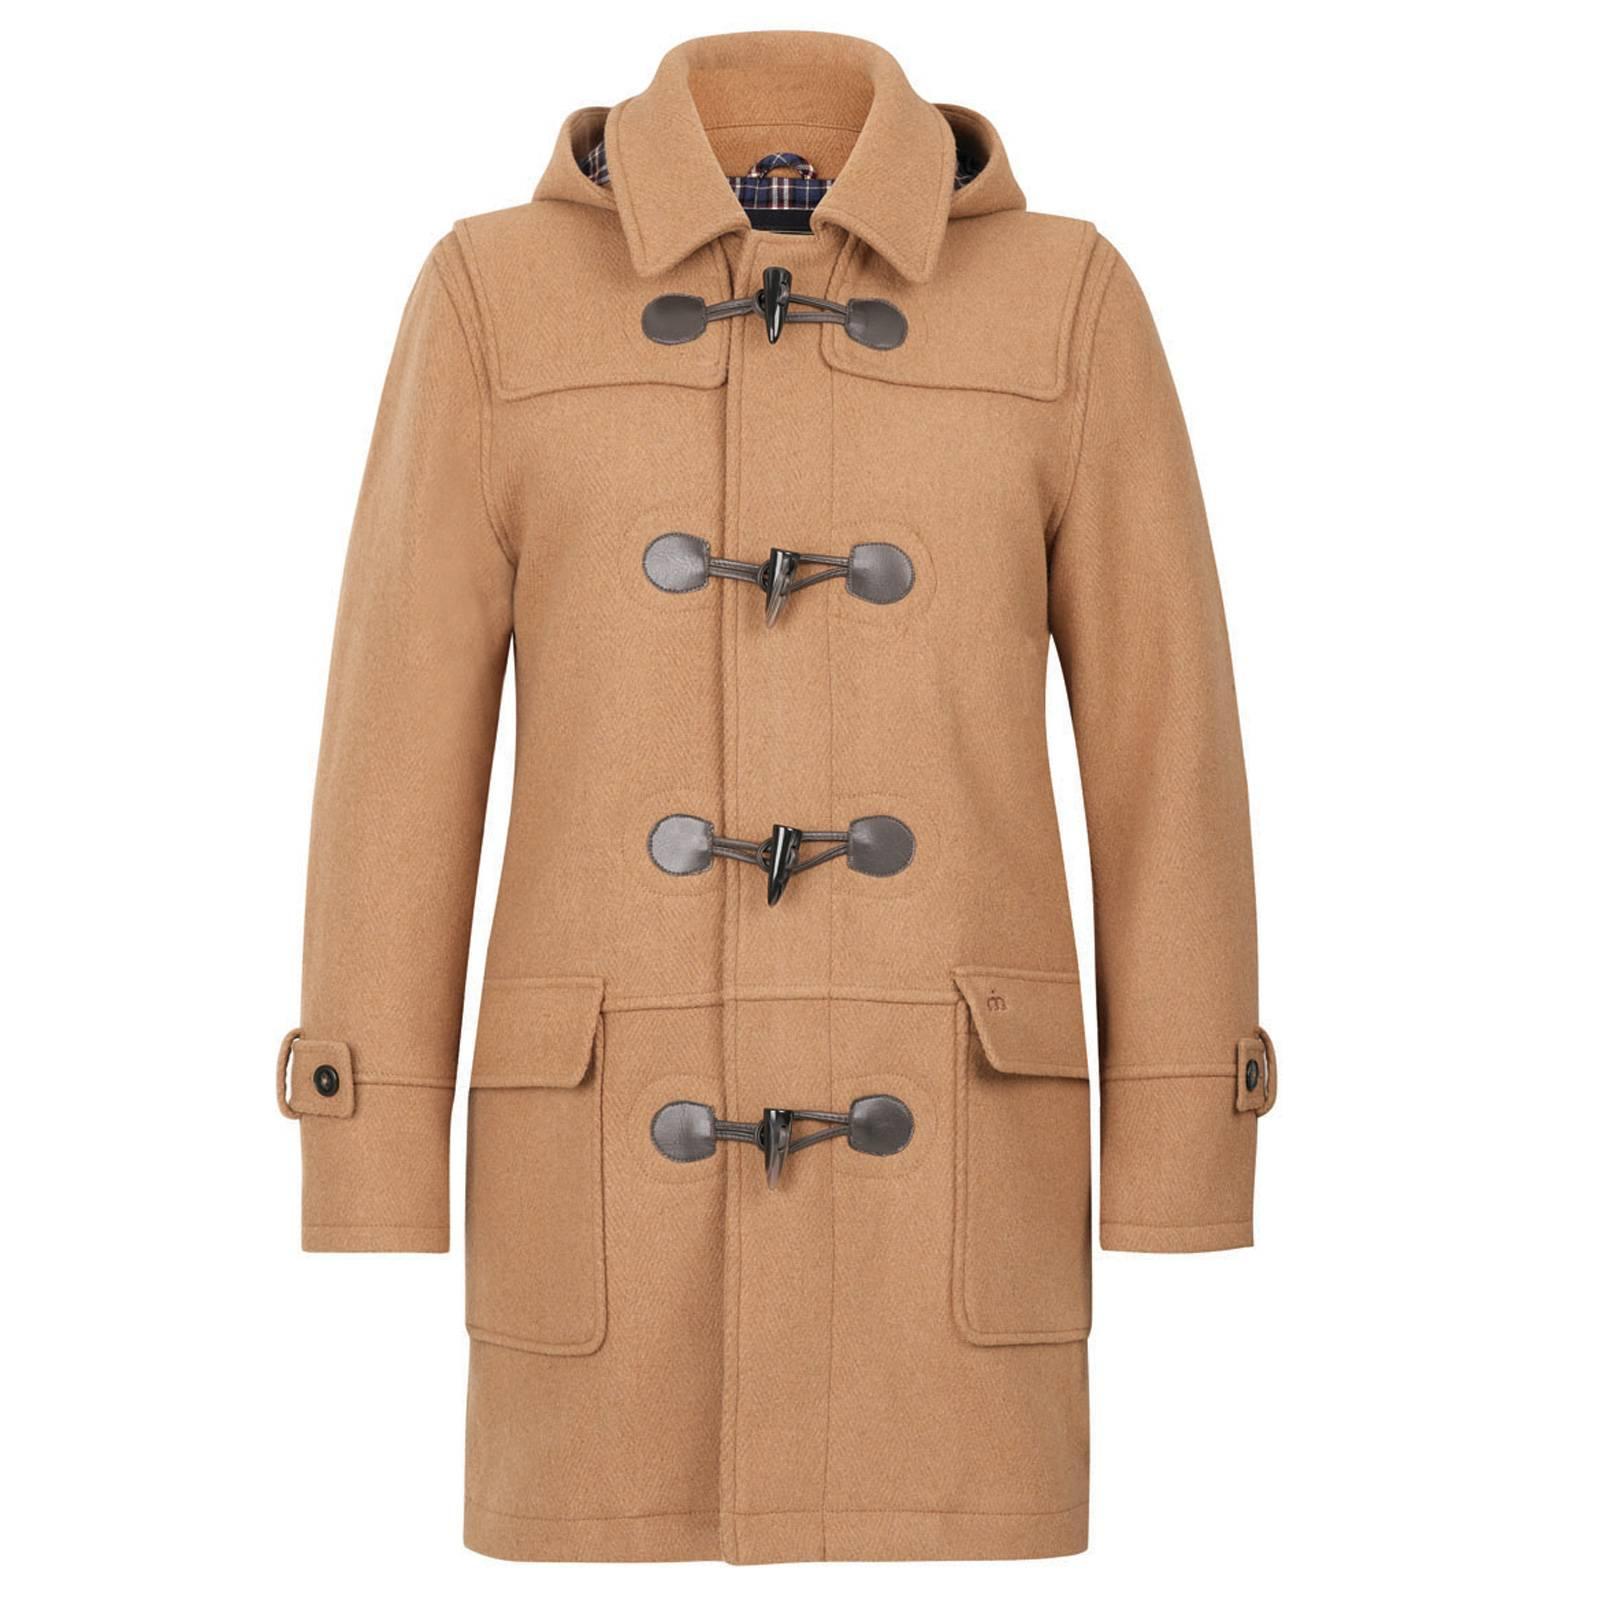 Дафлкот BluefieldКуртки под заказ<br>Аутентичное пальто-дафлкот прямого силуэта из толстой шерстяной ткани, с отстегивающимся капюшоном и хлопковой подкладкой орнамента &amp;amp;quot;тартан&amp;amp;quot;, выполненный в лучших классических традициях дизайна и производства этой легендарной модели casual гардероба, перекочевавшей в повседневную моду из униформы Британского Королевского флота времен Первой мировой войны. &amp;lt;br /&amp;gt;<br>&amp;lt;br /&amp;gt;<br>Благодаря плотной, сохраняющей тепло основе, выдерживает практически любые морозы, несмотря на отсутствие утеплителя. Его можно носить с джинсами или брюками, одевать поверх костюма на работу или с трикотажем и обувью типа Desert Boots. Непромокаемый и непродуваемый дафлкот Merc прослужит вам верой и правдой долгие годы.&amp;lt;br /&amp;gt;<br>&amp;lt;br /&amp;gt;<br>Об истории дафлкота мы рассказали в Блоге.<br><br>Артикул: 1112201<br>Материал: 70% шерсть 30% нейлон<br>Цвет: верблюжий<br>Пол: Мужской